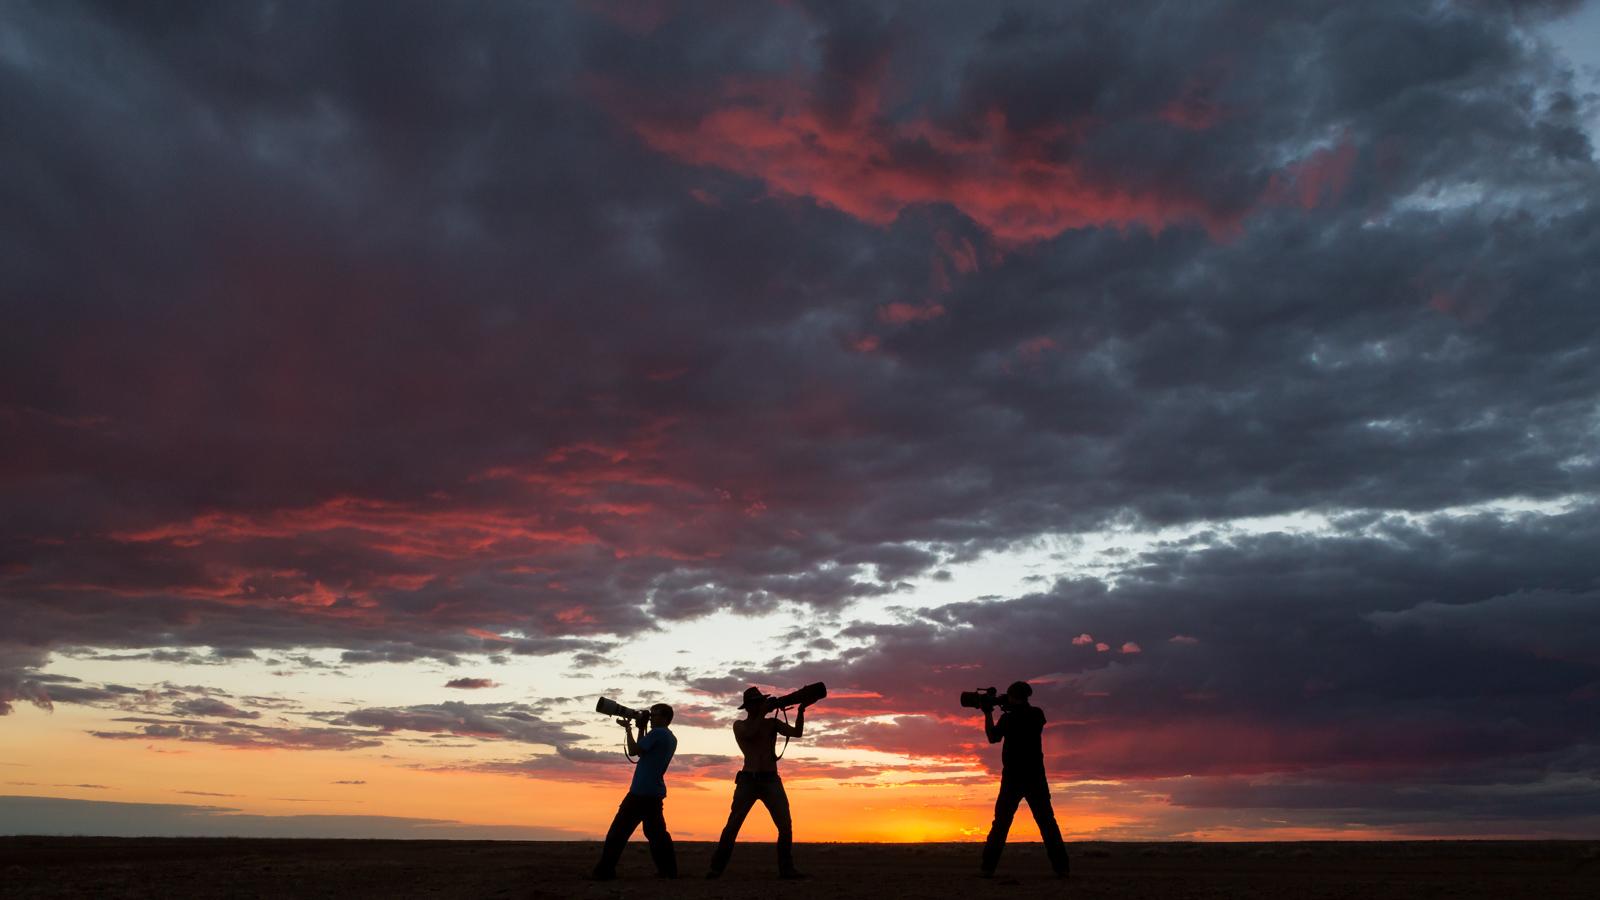 Sunset_David Stowe-0425.jpg